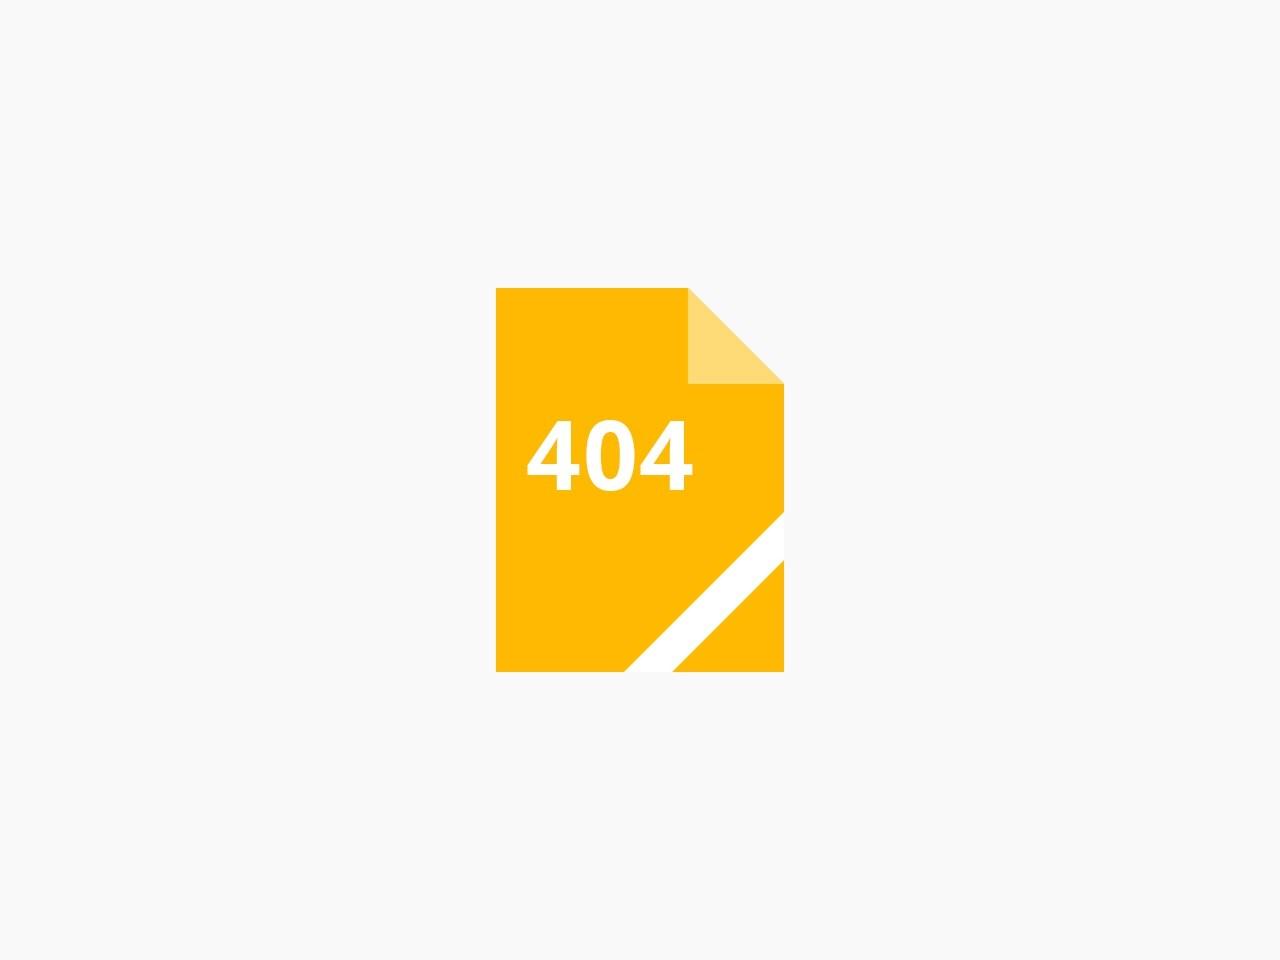 首屆僑生電競大賽四強決賽崑大電競館開打吸引全球華人目光